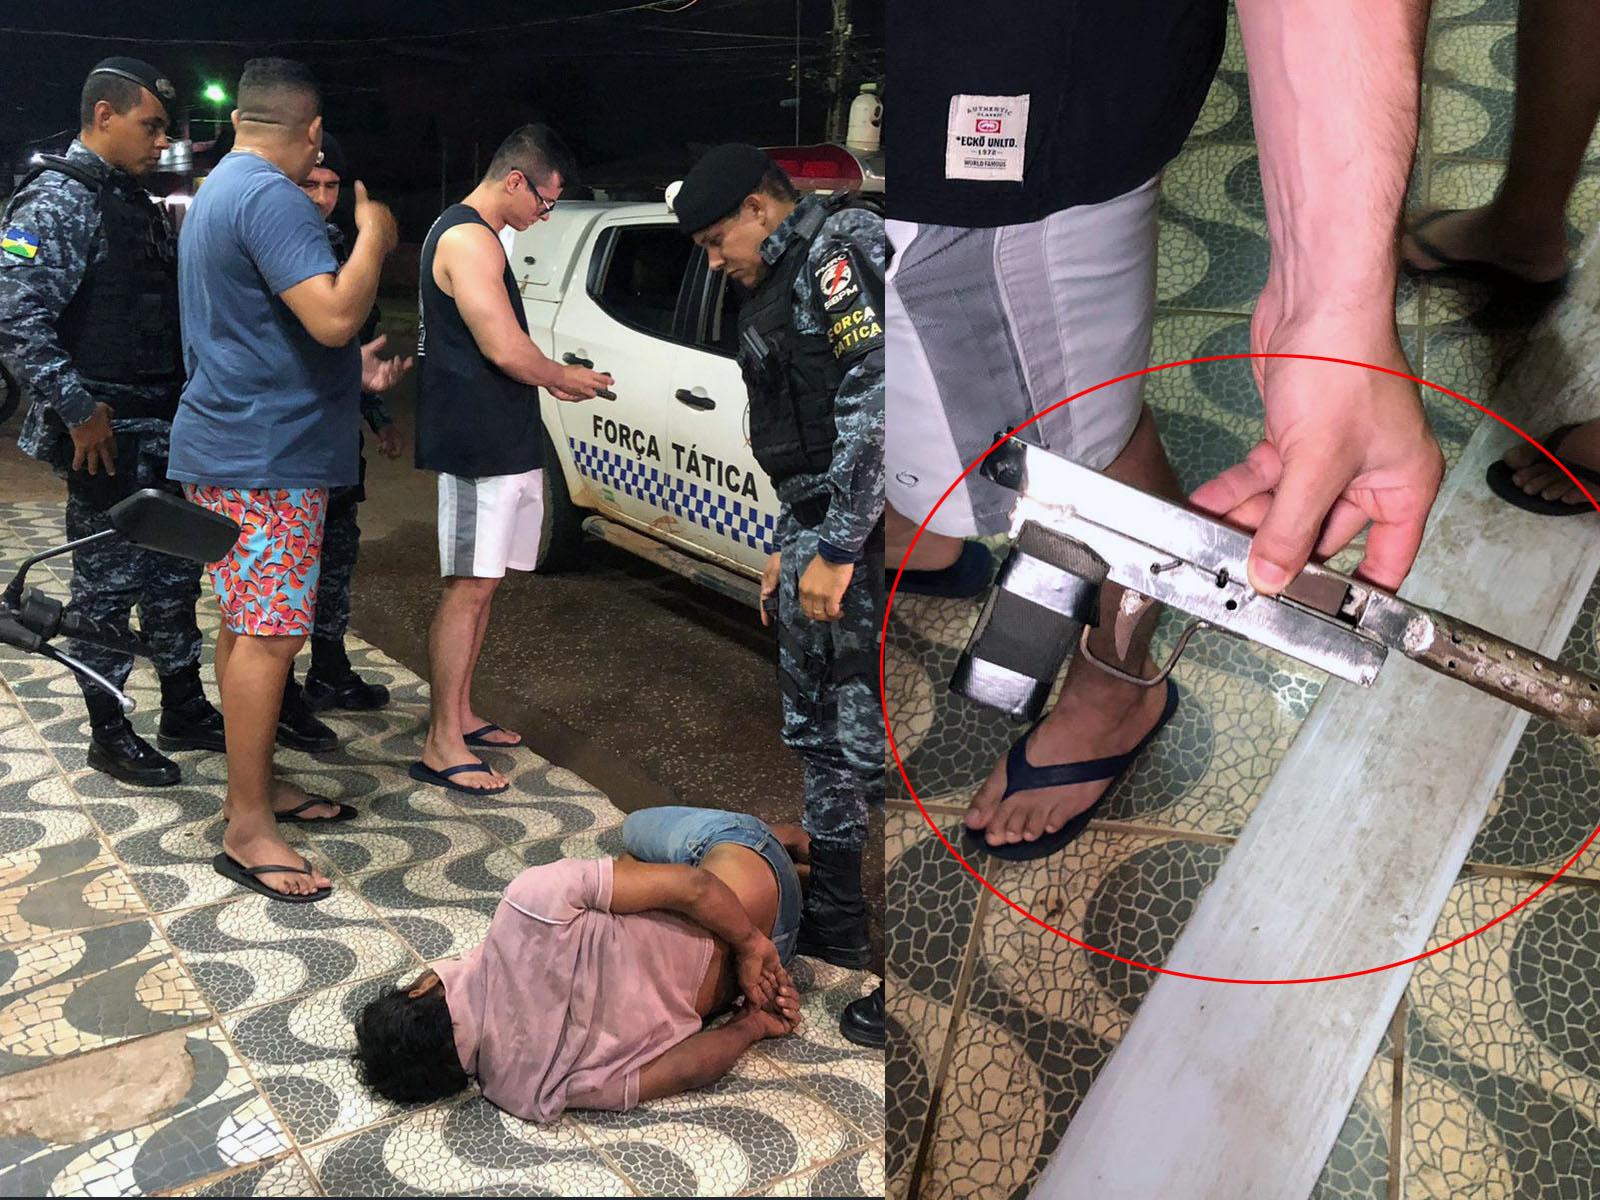 Ladrão leva cadeirada durante assalto em panificadora e acaba preso com arma caseira